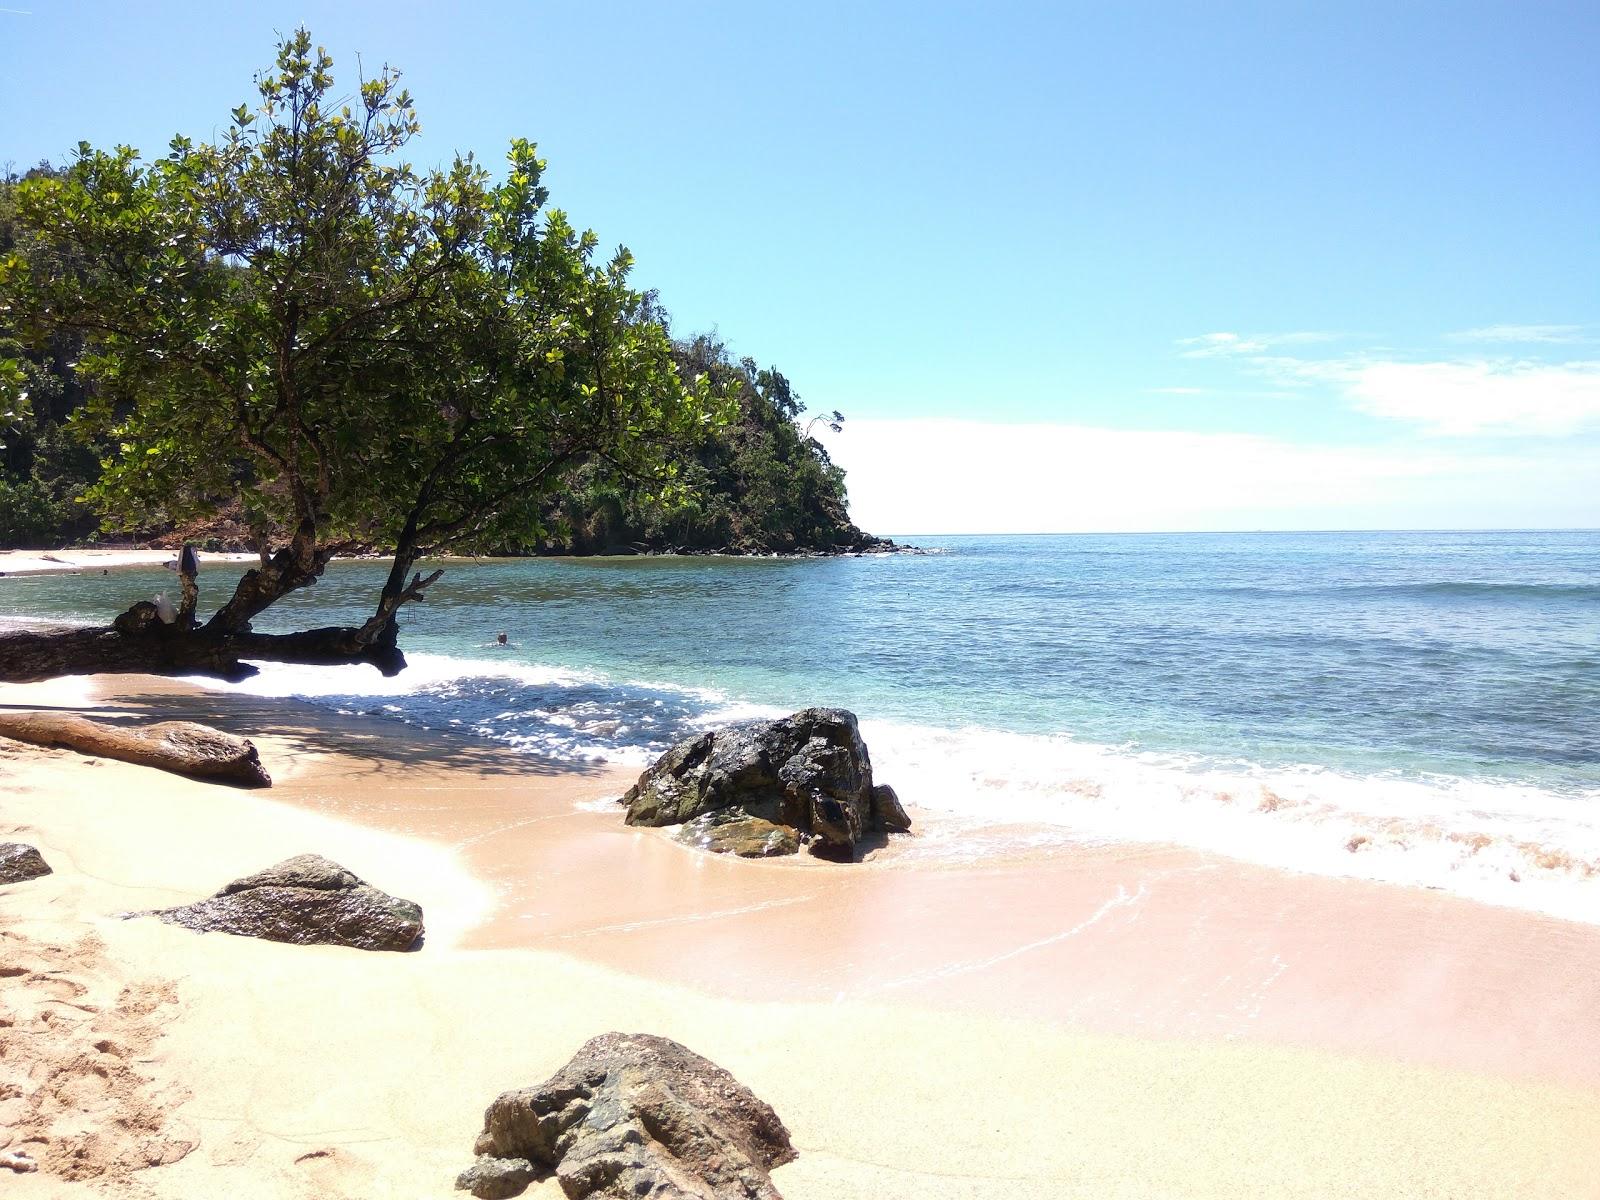 Bawah Kolong Langit Port Numbay Teratai Api Pantai Pasir Vi